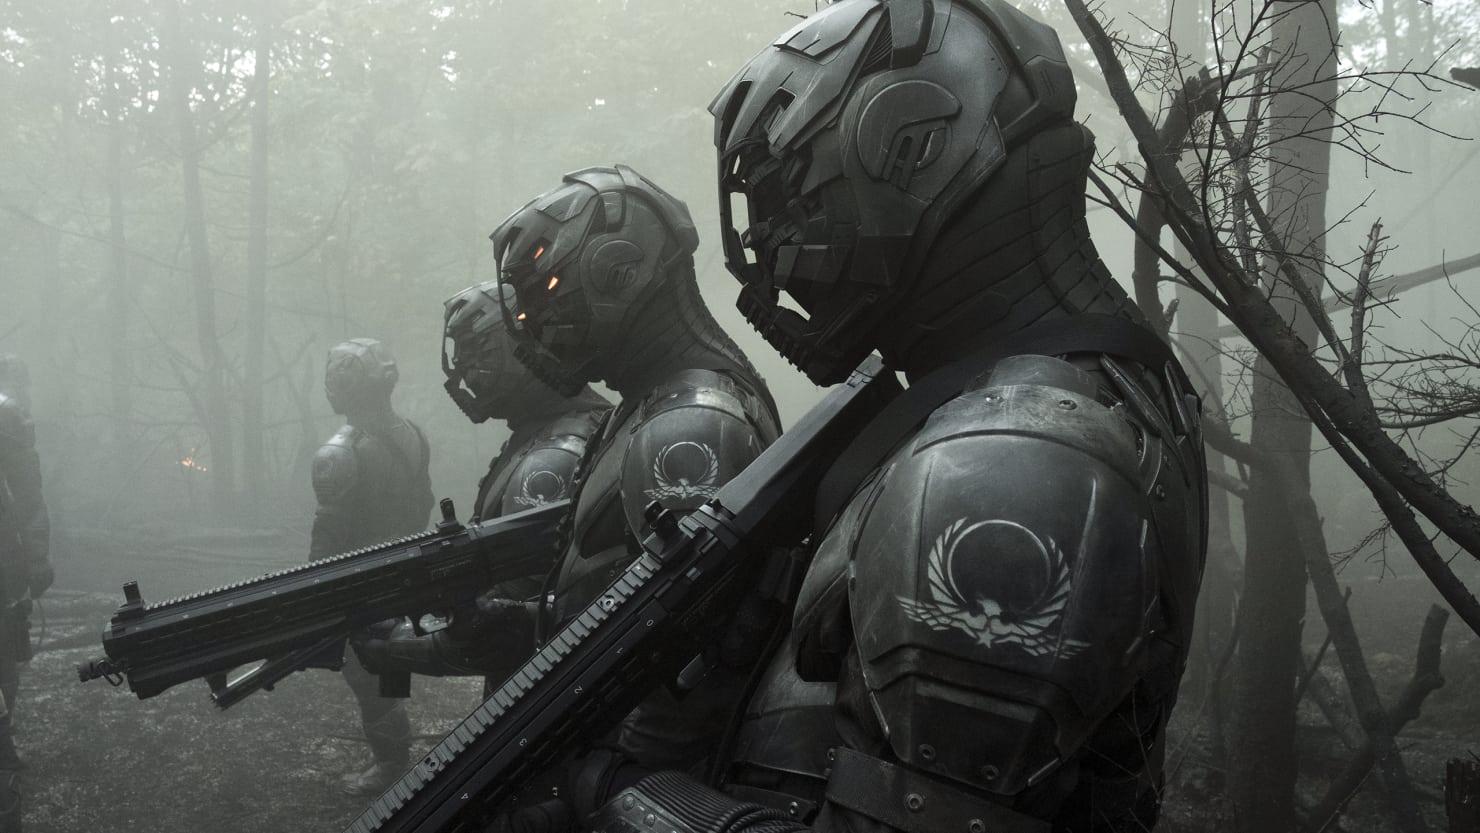 Imagem da série Altered Carbon, ou Carbono Alterado, da Netflix. A imagem mostra um grupo de policiais armadurados.